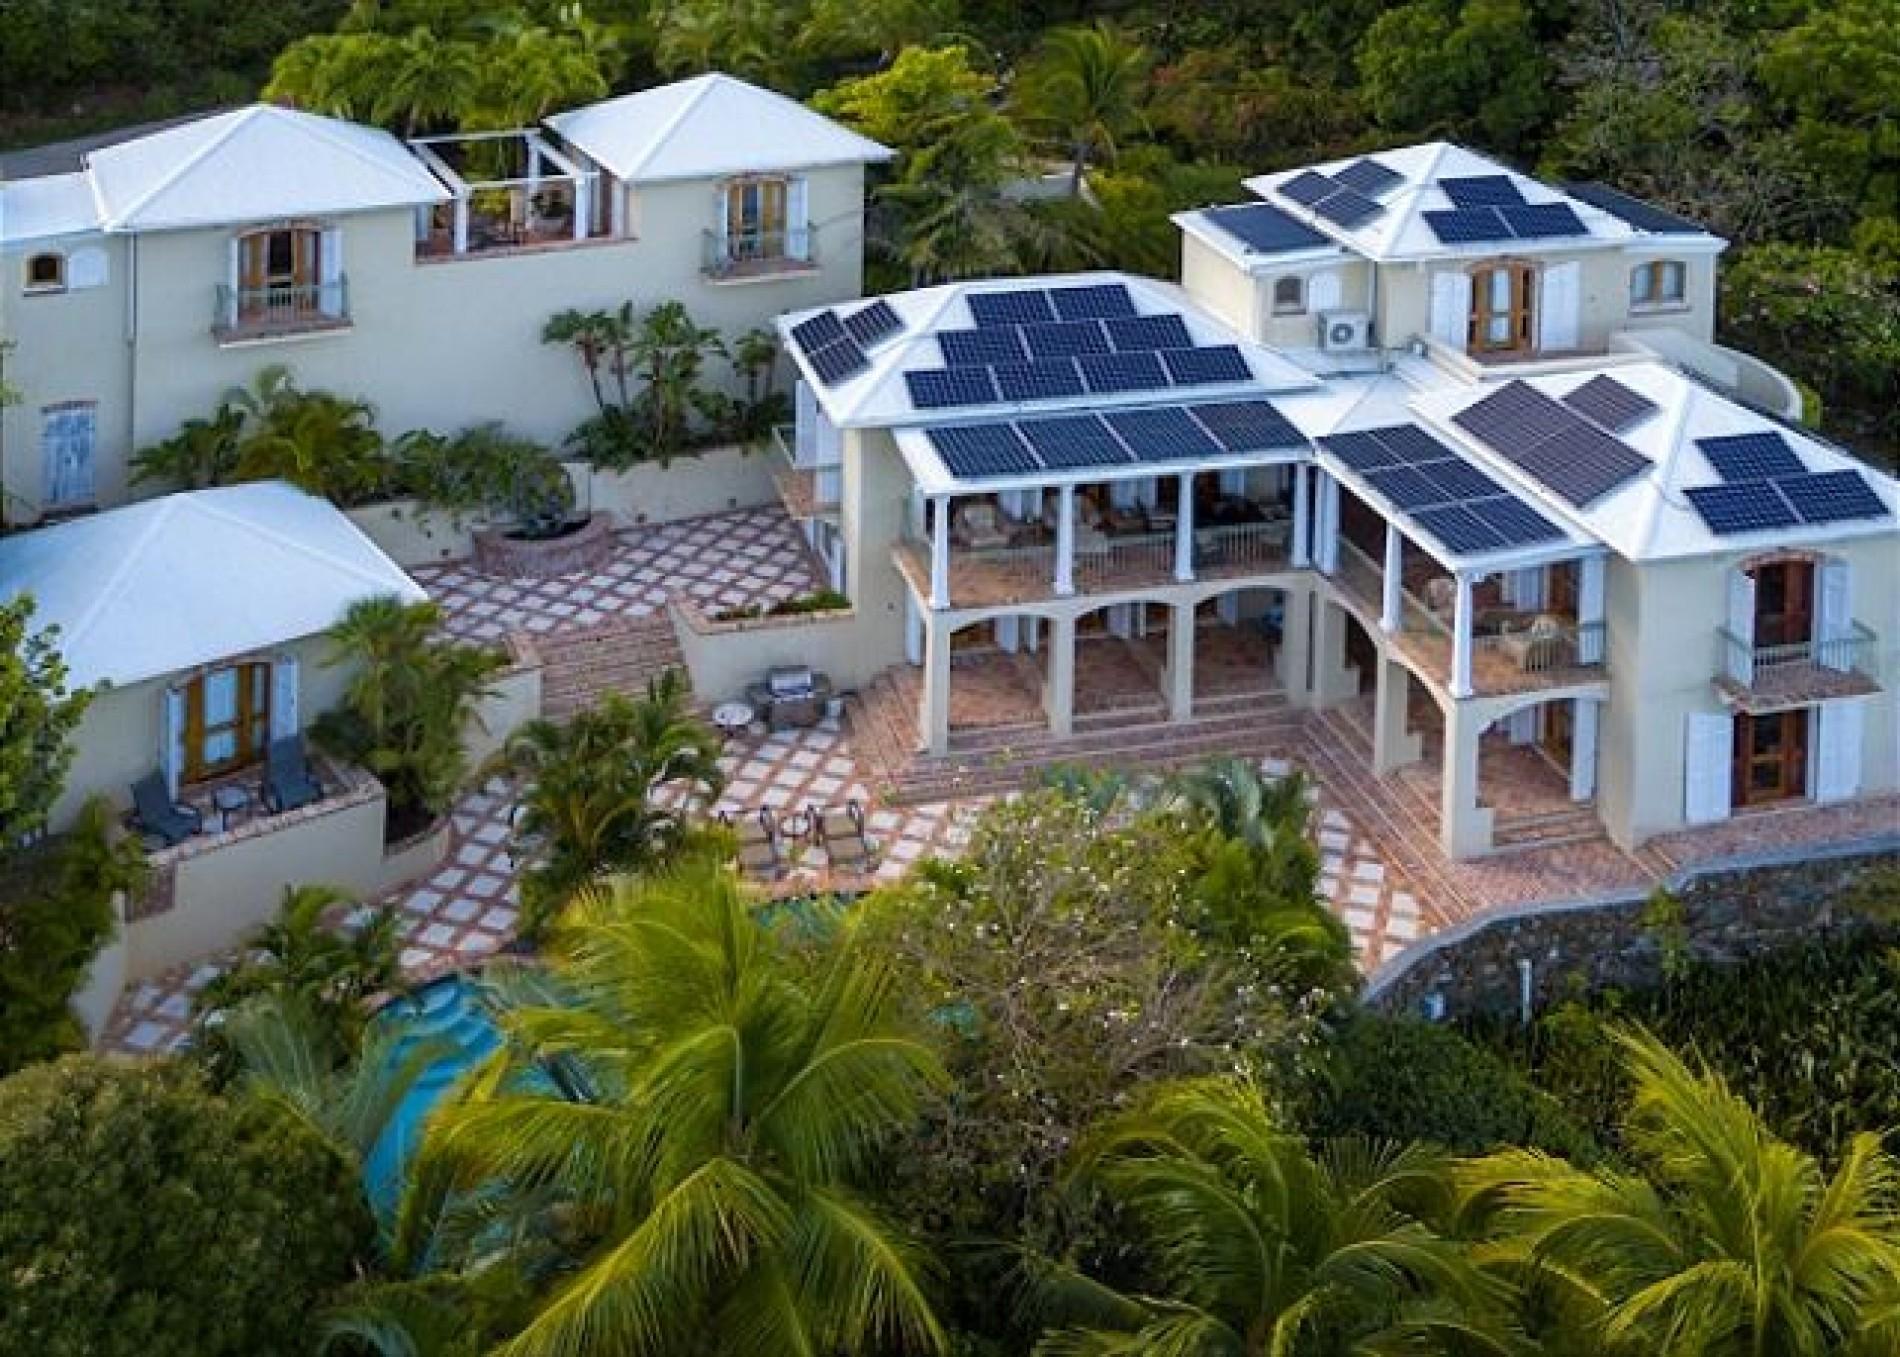 Barefoot celebrity twink paradise